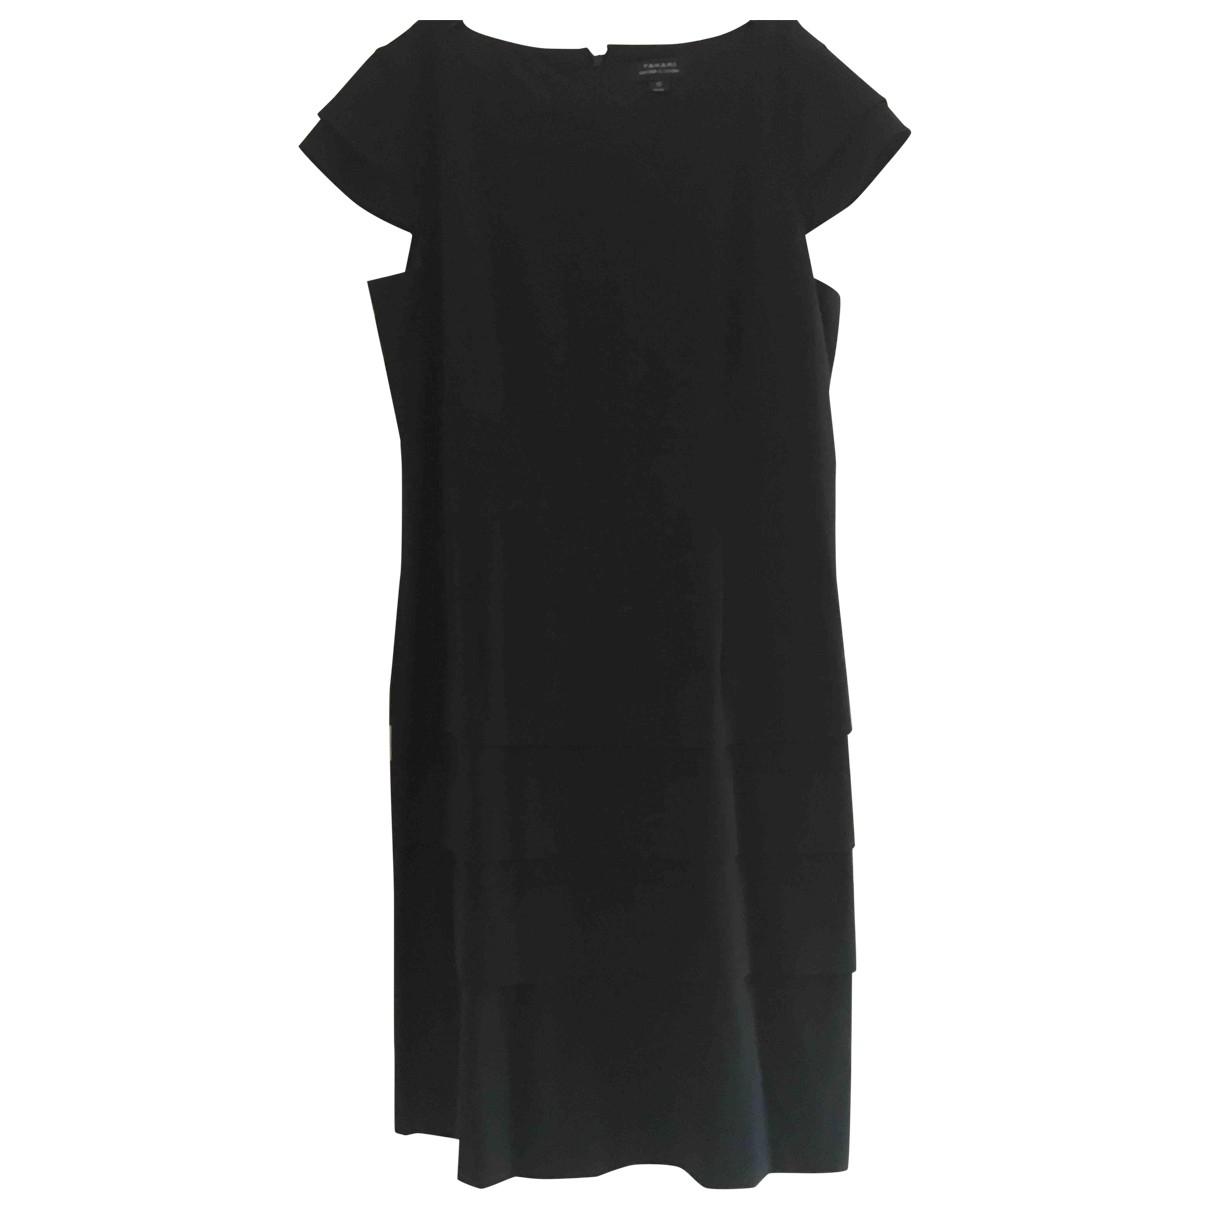 Elie Tahari \N Kleid in  Schwarz Synthetik